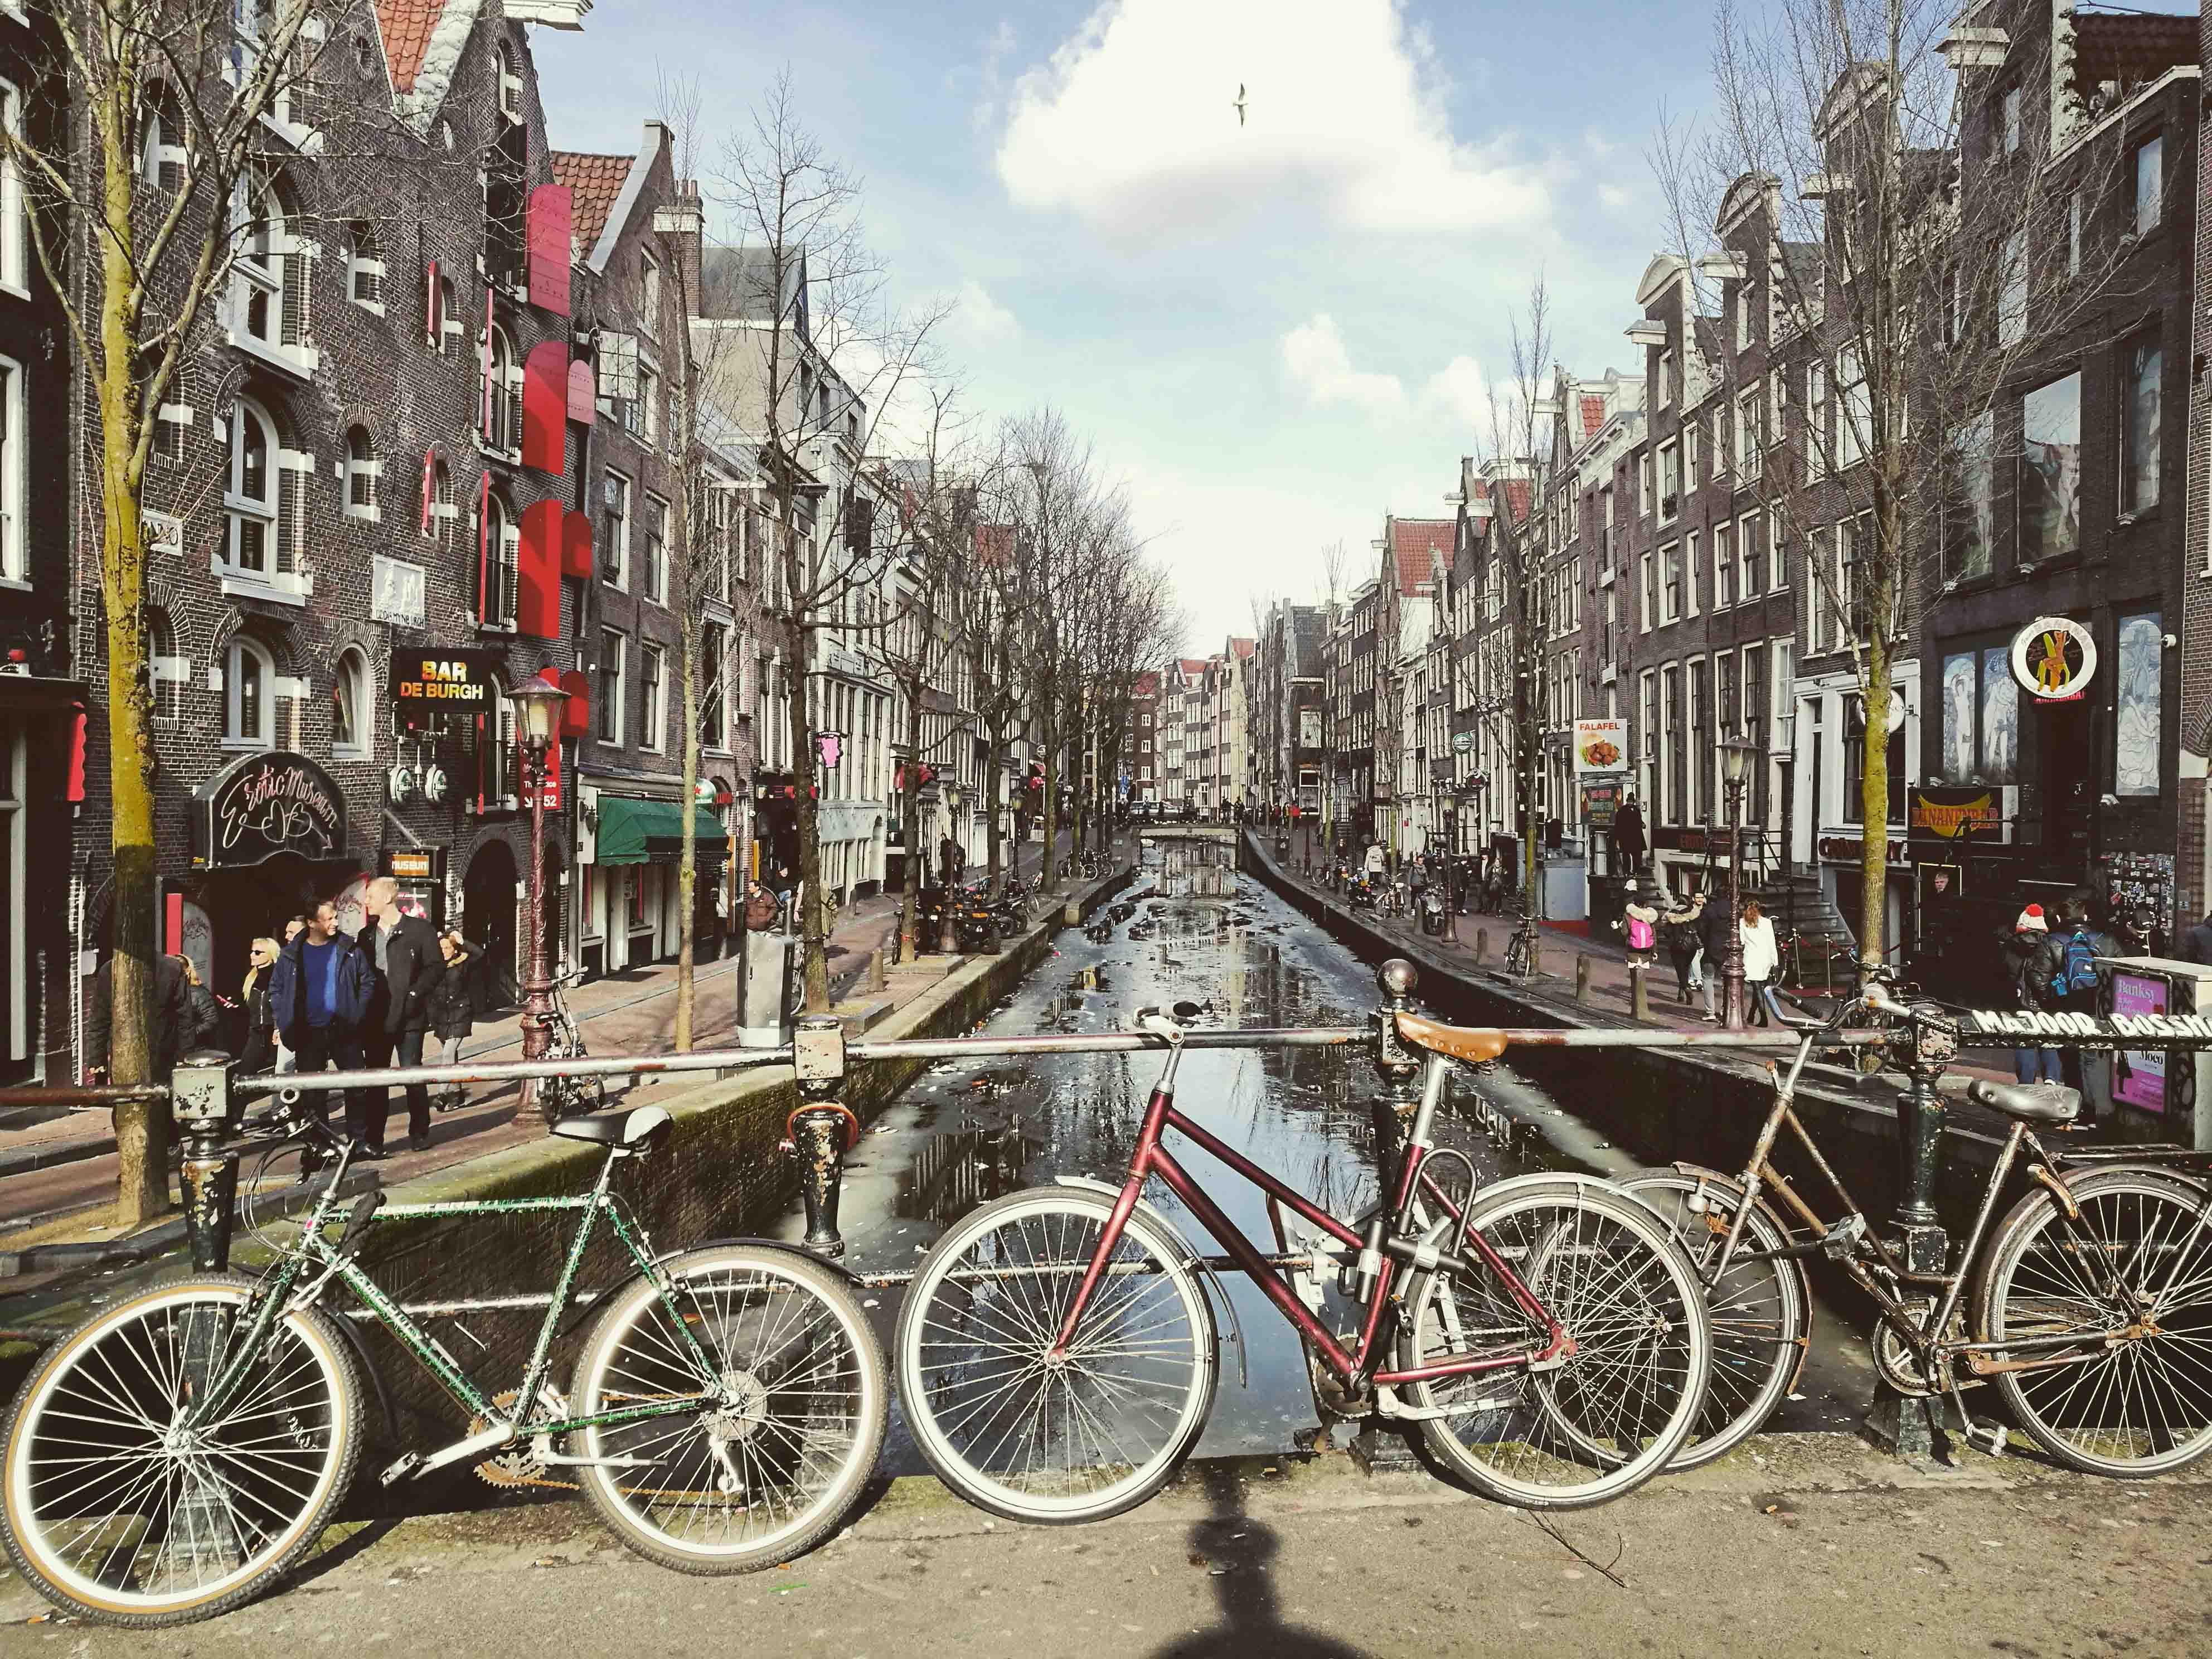 bicicletas-canales-Amsterdam